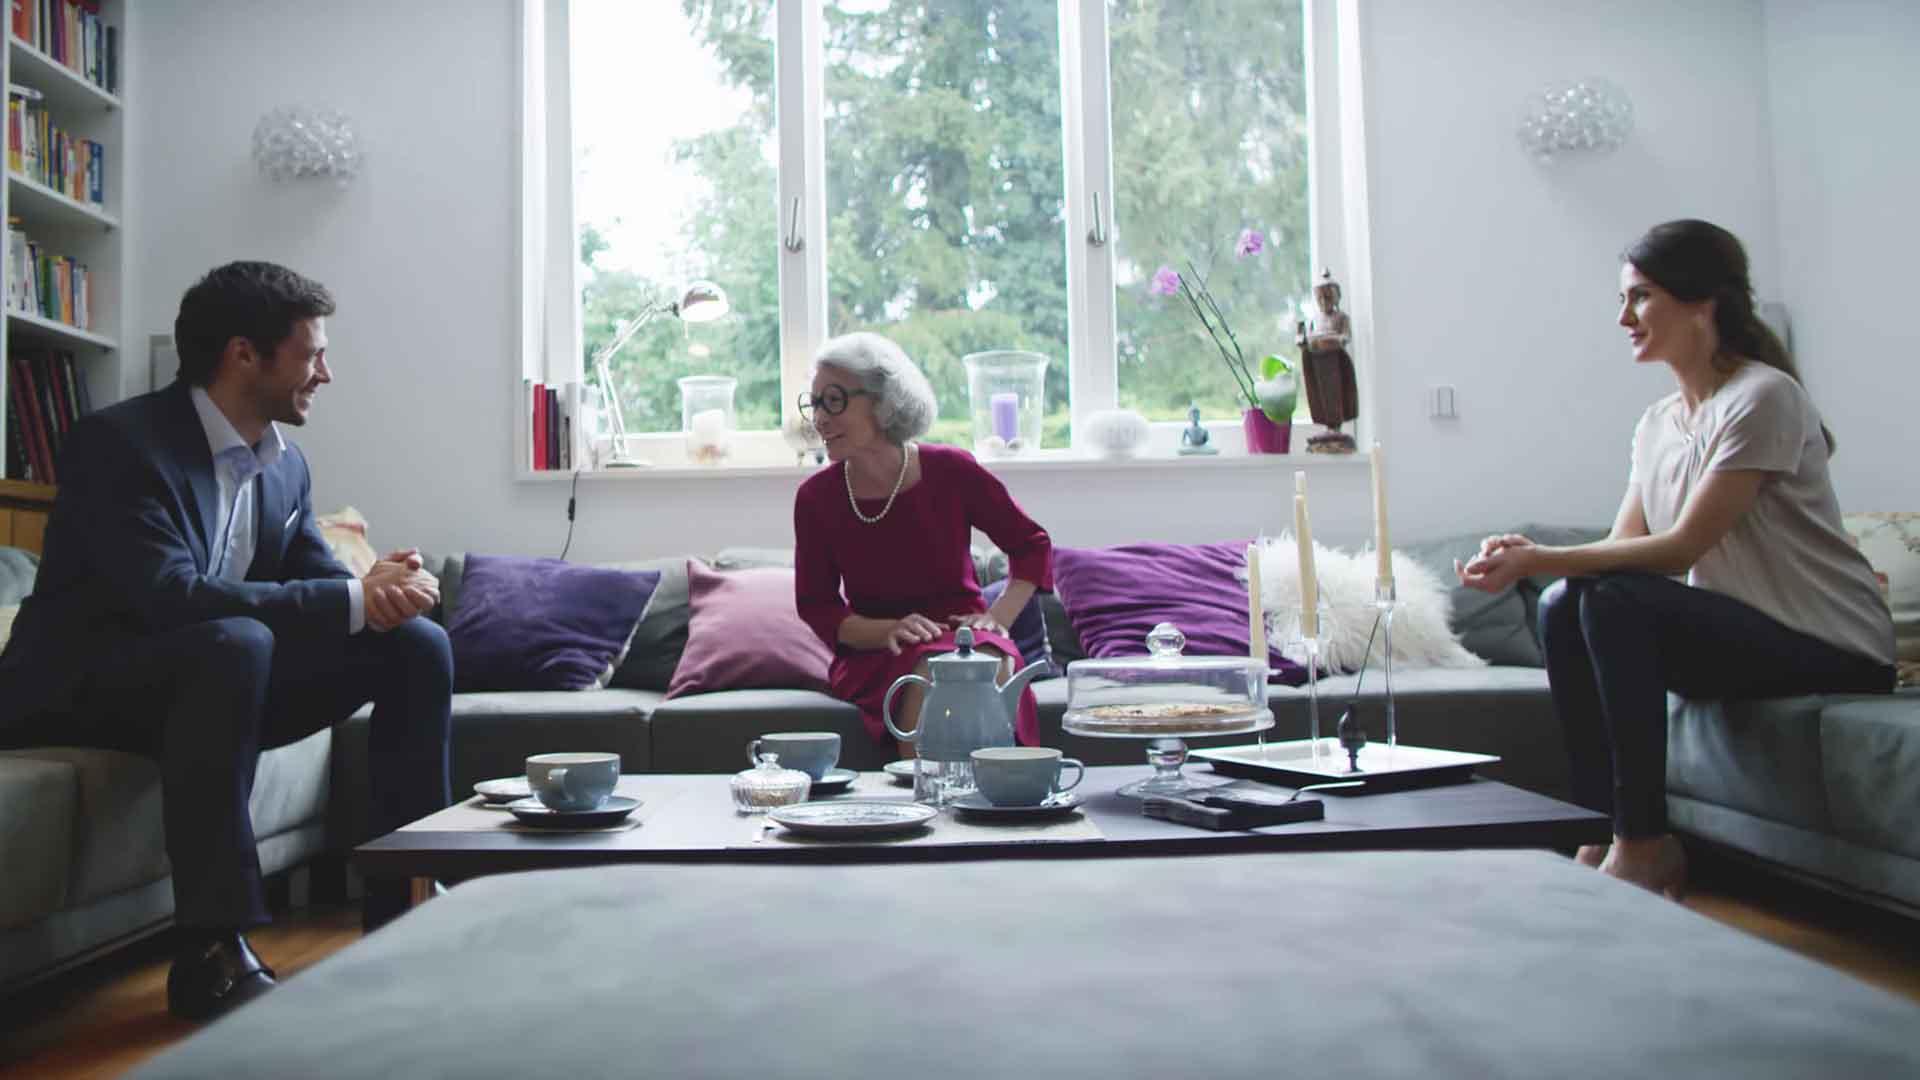 Das Bild zeigt einen Wohnraum. In diesem steht mittig ein Tisch. Auf dem Tisch sind verschiedene Tassen, Teller und eine Kanne zu sehen. Vor dem Tisch sitzt eine Frau. Sie unterhält sich mit einem Mann, der links neben ihr sitzt. Er trägt einen dunklen Anzug. Die Frau trägt eine schwarze, runde Brille. Neben ihr, auf der rechten Seite, sitzt eine andere Frau. Das Bild dient als Sliderbild für den Portfolioeintrag BMW Connected Drive Schweigefuchs von Panda Pictures.